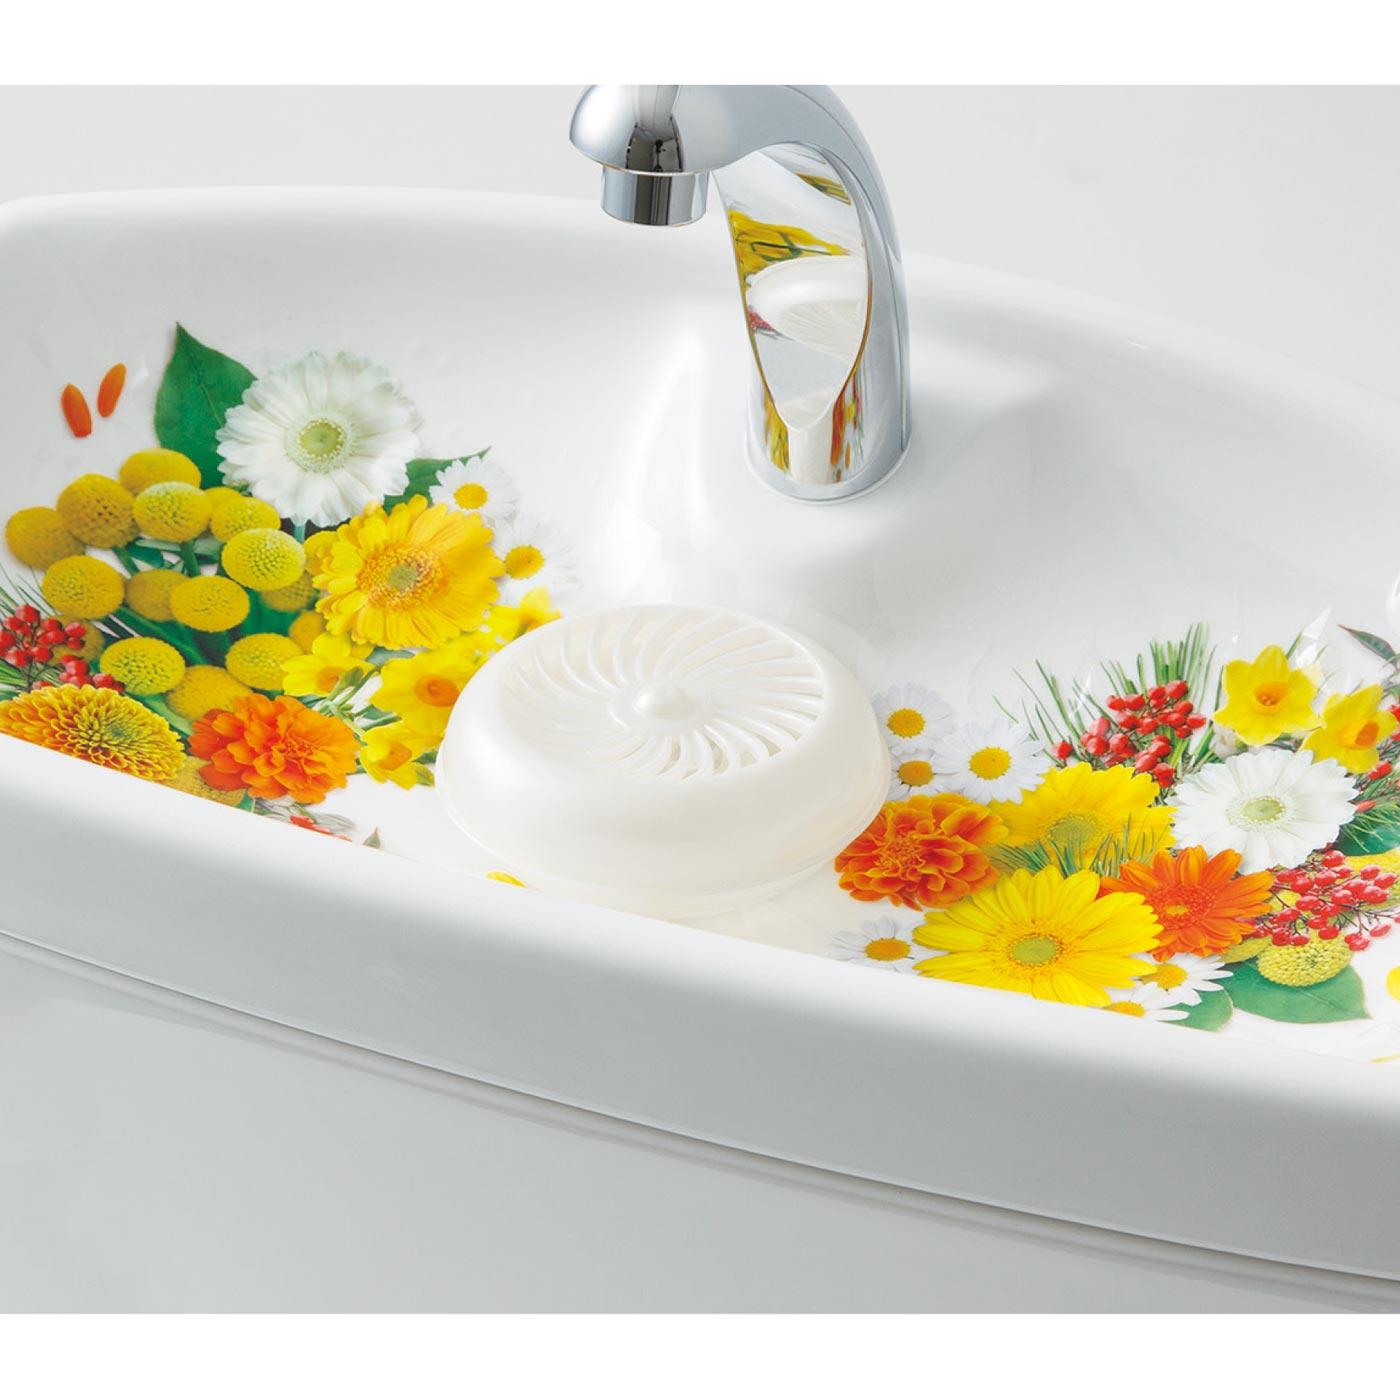 手洗いに置く洗浄消臭剤もセットできます。